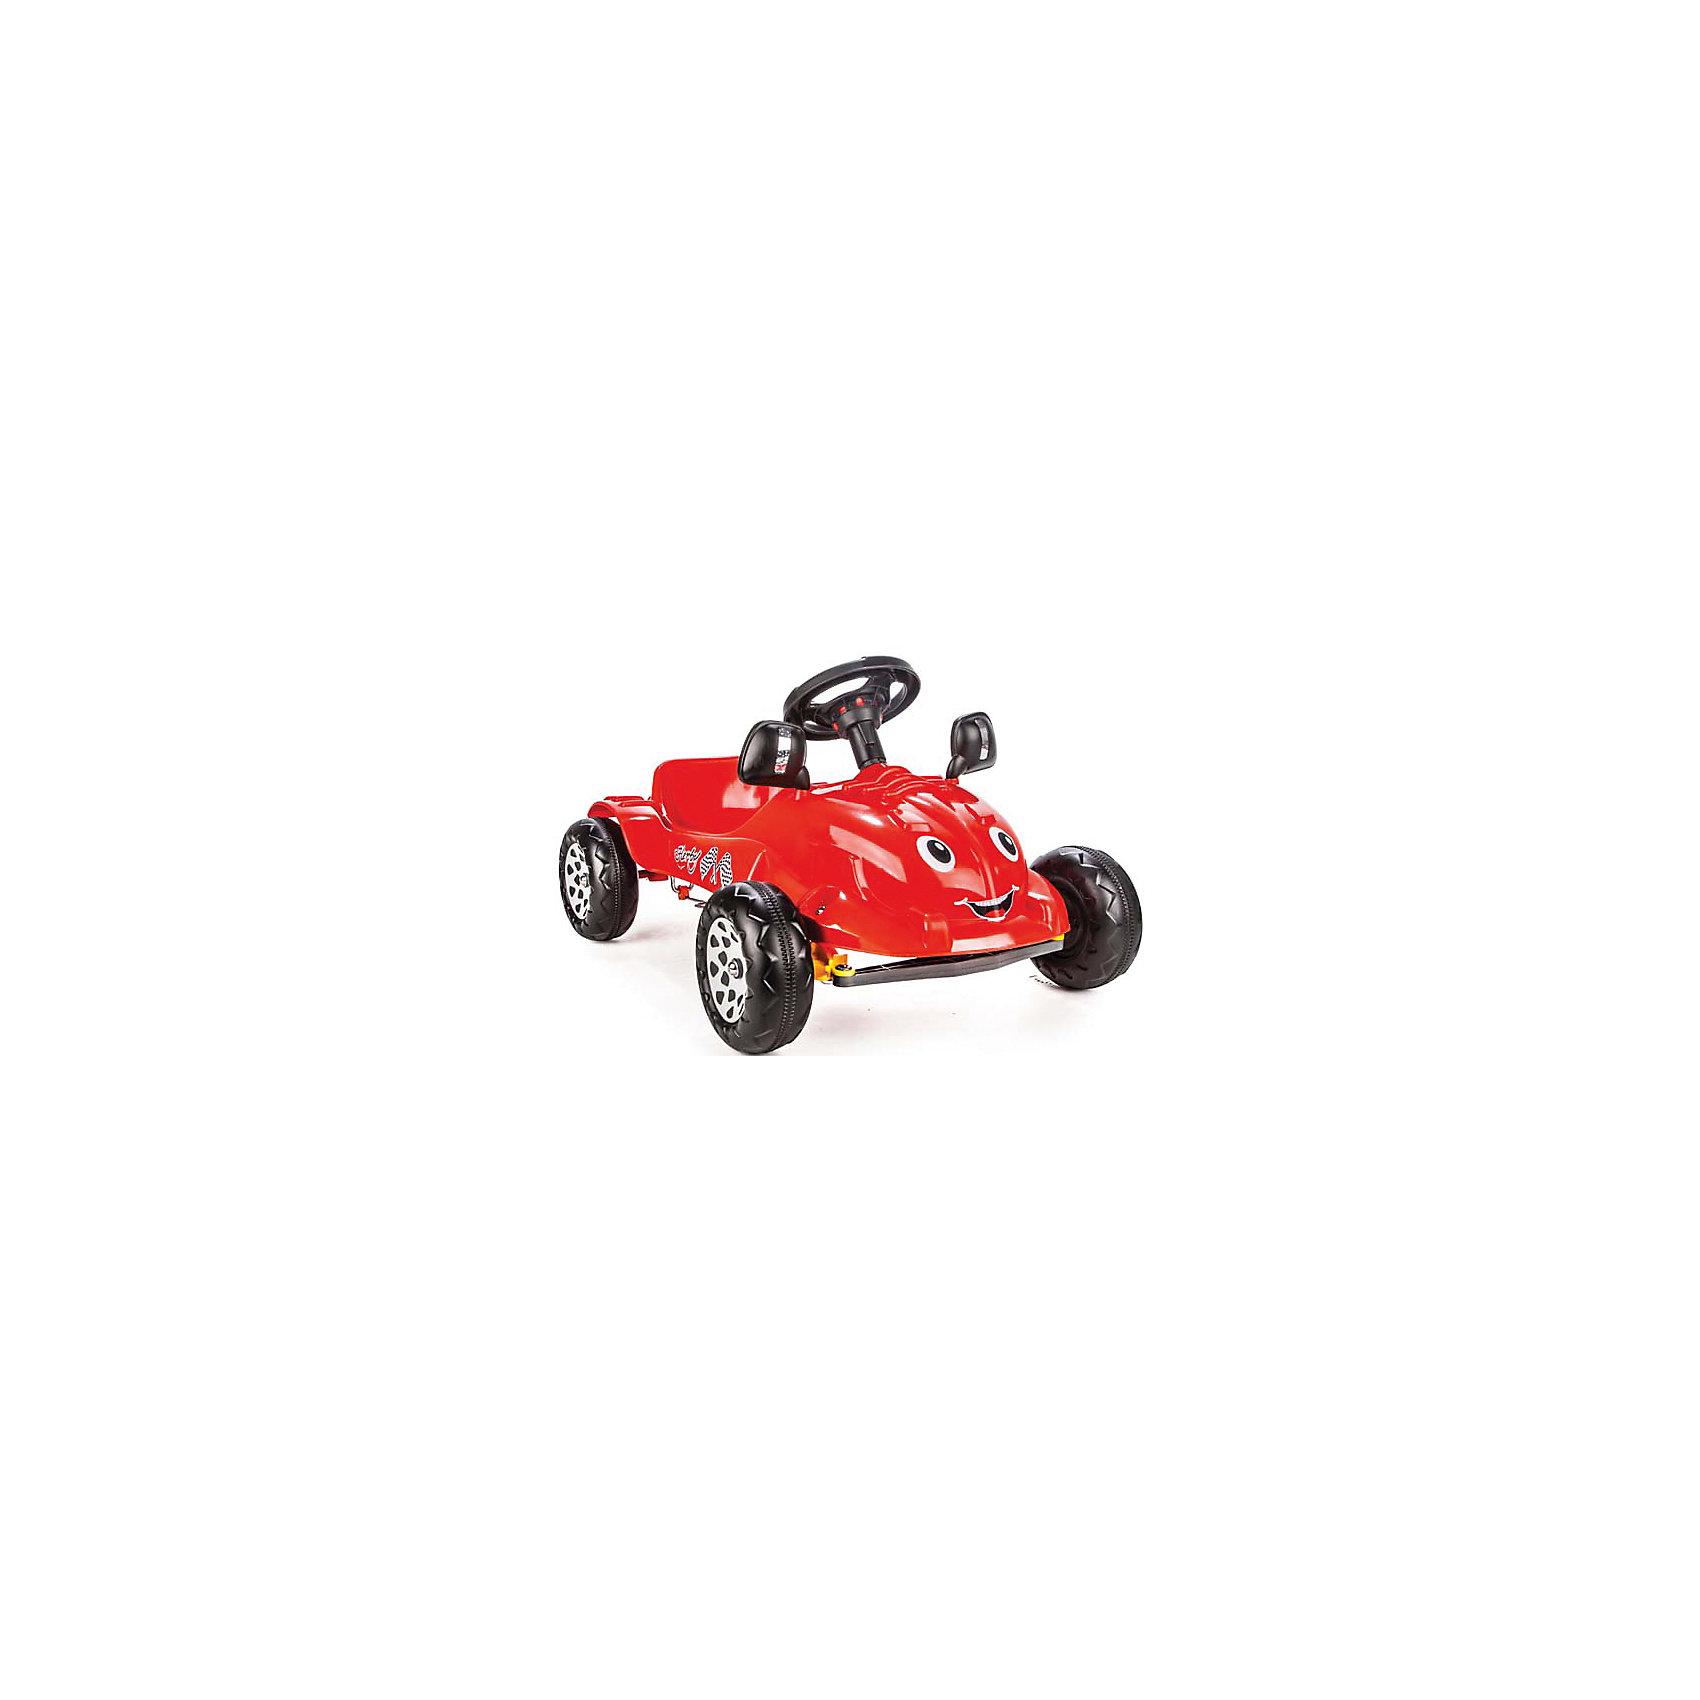 Педальная машина Herby, PilsanМашинки-каталки<br>Педальная машинка Herby Pilsan (Пилсан)<br><br>Характеристики:<br><br>-Вес – 4.08 кг; <br>-Материал : высококачественный пластик;<br>-Механический гудок;<br>-Ширина: 53 см;<br>-Длина: 73 см;<br>-Высота: 42 см;<br>-Максимальная нагрузка: 35 кг.<br><br>Педальная машинка Herby Pilsan (Пилсан) с приветливой улыбкой и большими добрыми глазами обрадует Вашего малыша. Педальный привод машинки дает ребенку необходимую физическую нагрузку, развивает координацию движений, укрепляет мышцы ног. В процессе игры развивается общая моторика, умение управлять своим телом. <br>Педальная машина Herby Pilsan (Пилсан) не зависит от батарей и других источников питания, что дает большую свободу в использовании. Благодаря низкой посадке, машина более устойчива. <br>Машина Herby Pilsan (Пилсан) очень проста и легка в эксплуатации, поэтому, малыш сможет кататься на ней самостоятельно. Ваш ребенок почувствует себя настоящим водителем. Эта симпатичная и надежная машинка идеально подходит для прогулок по городу или во дворе, а также и для игры в помещении. <br><br>Педальную машину Herby Pilsan (Пилсан) можно купить в нашем интернет - магазине.<br><br>Ширина мм: 800<br>Глубина мм: 550<br>Высота мм: 440<br>Вес г: 4000<br>Возраст от месяцев: 36<br>Возраст до месяцев: 120<br>Пол: Унисекс<br>Возраст: Детский<br>SKU: 5045003